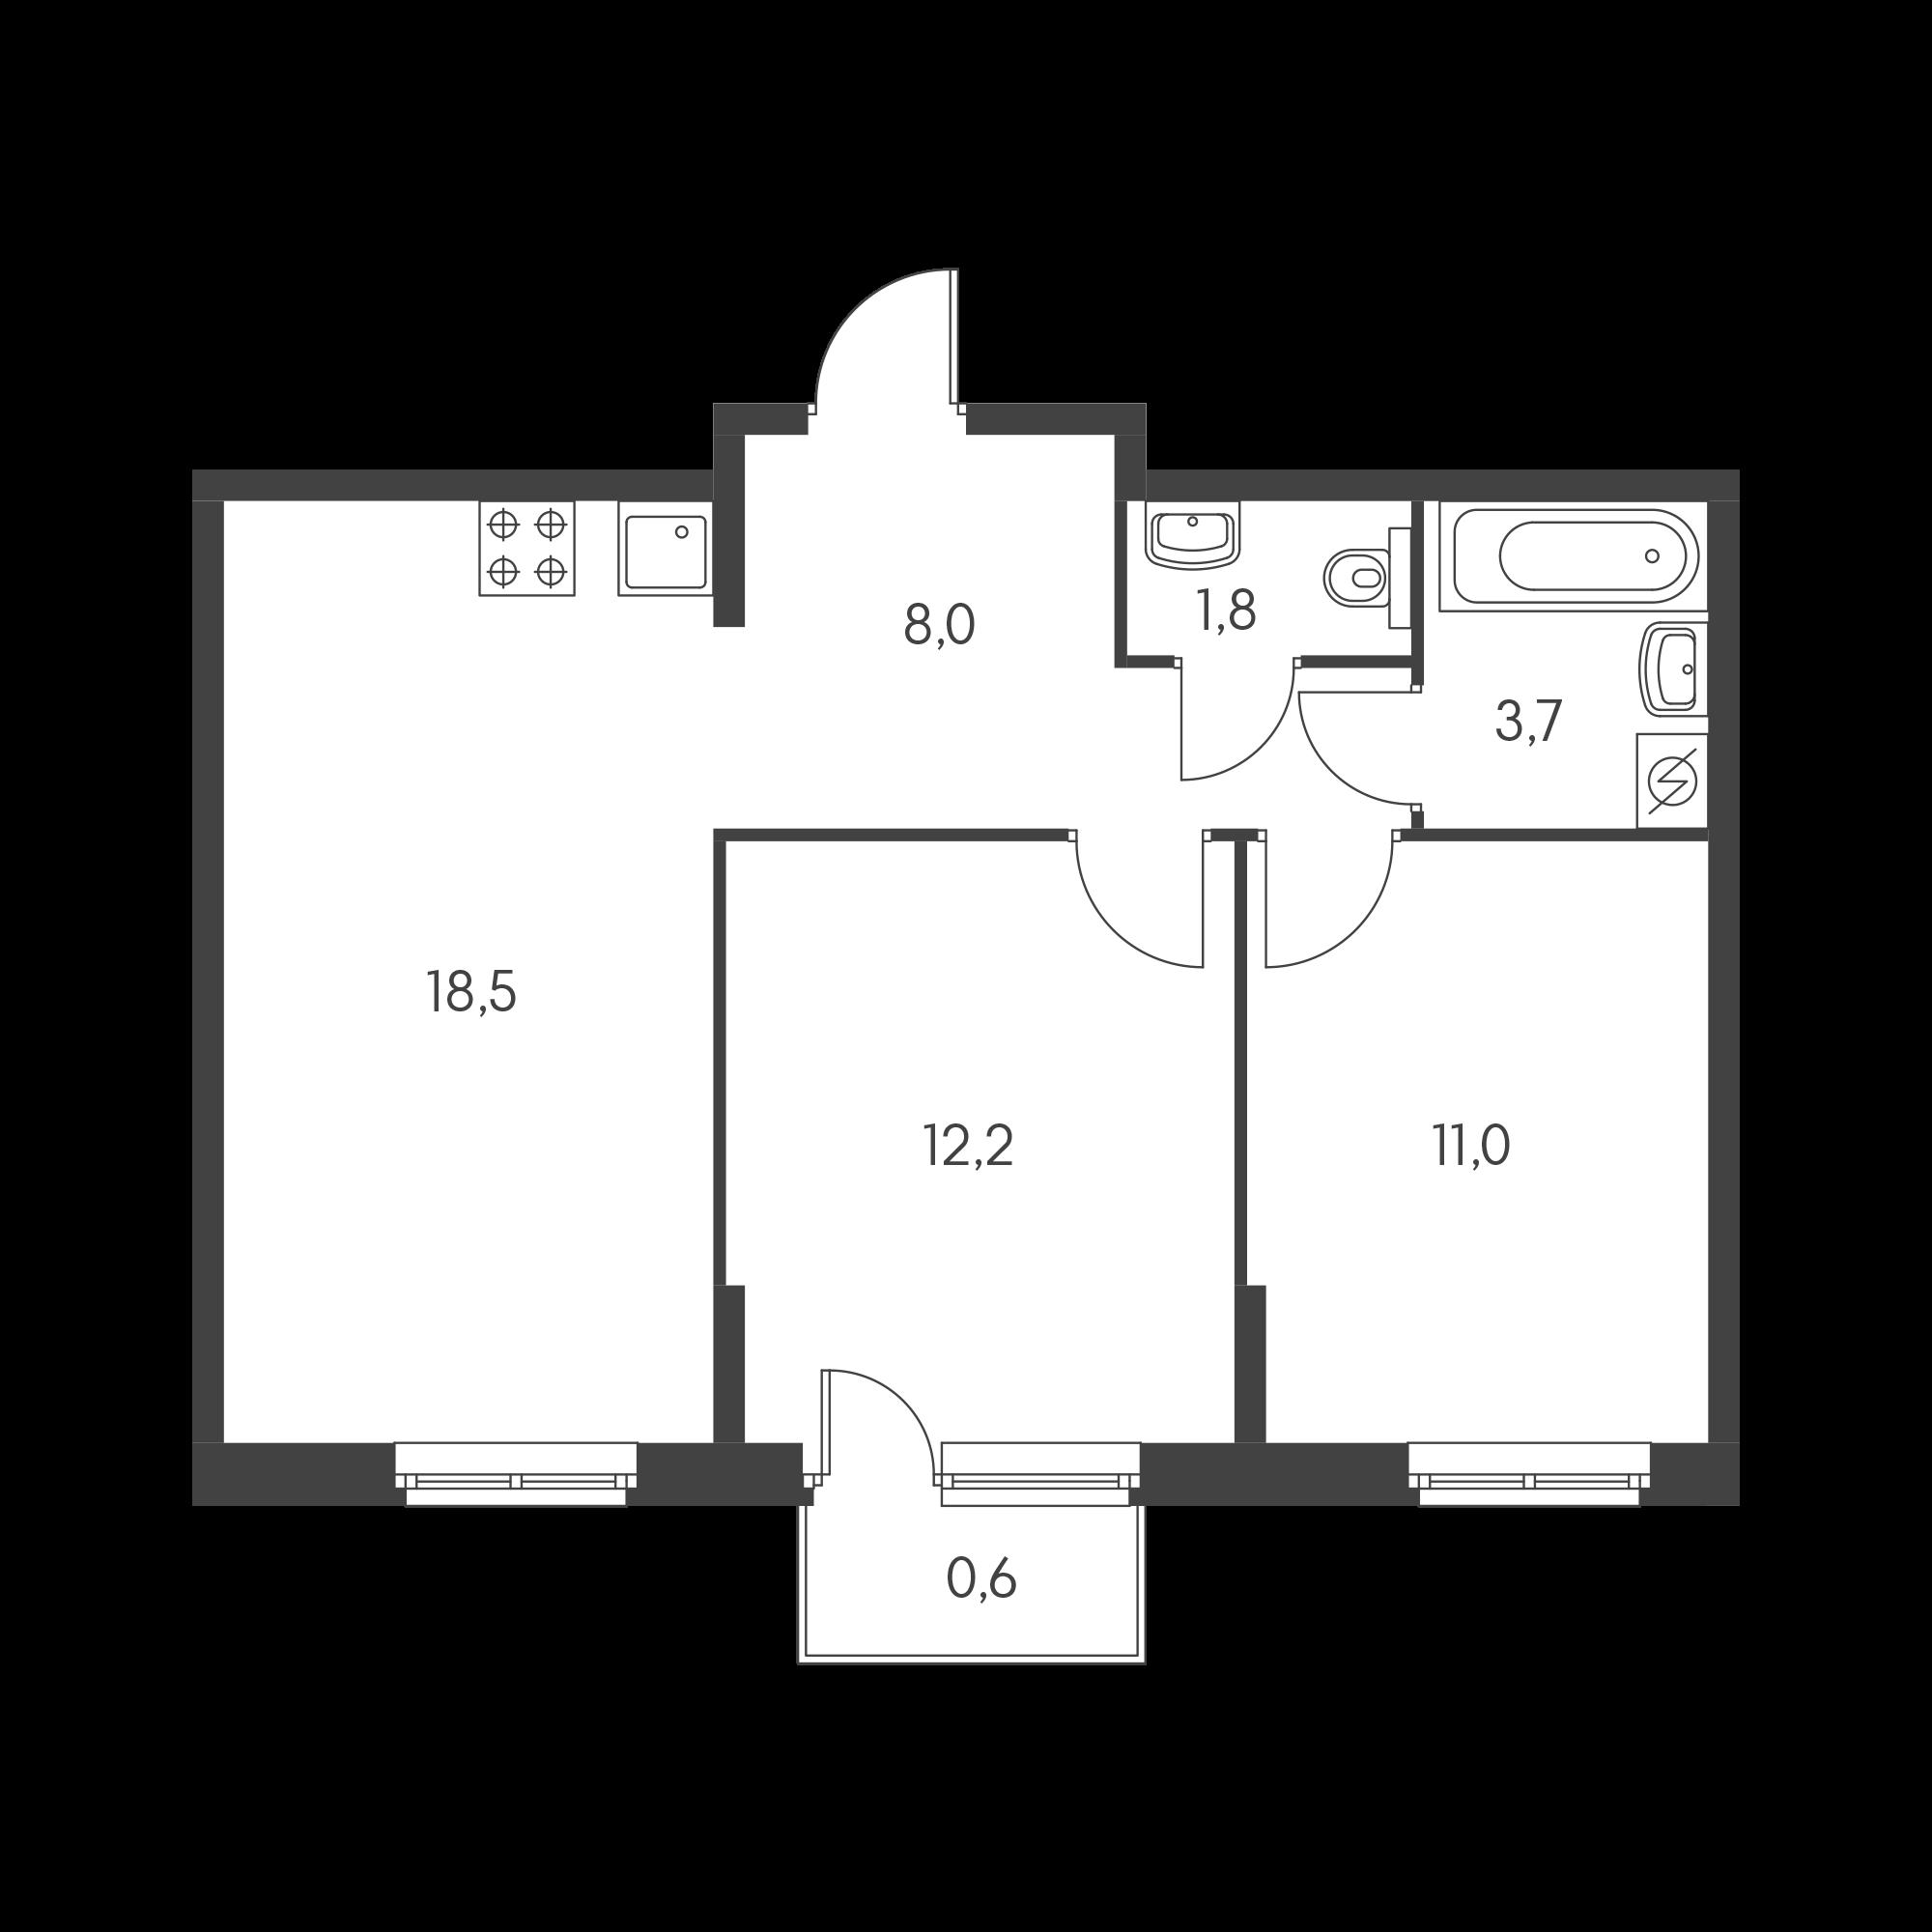 2EM1.02_B1